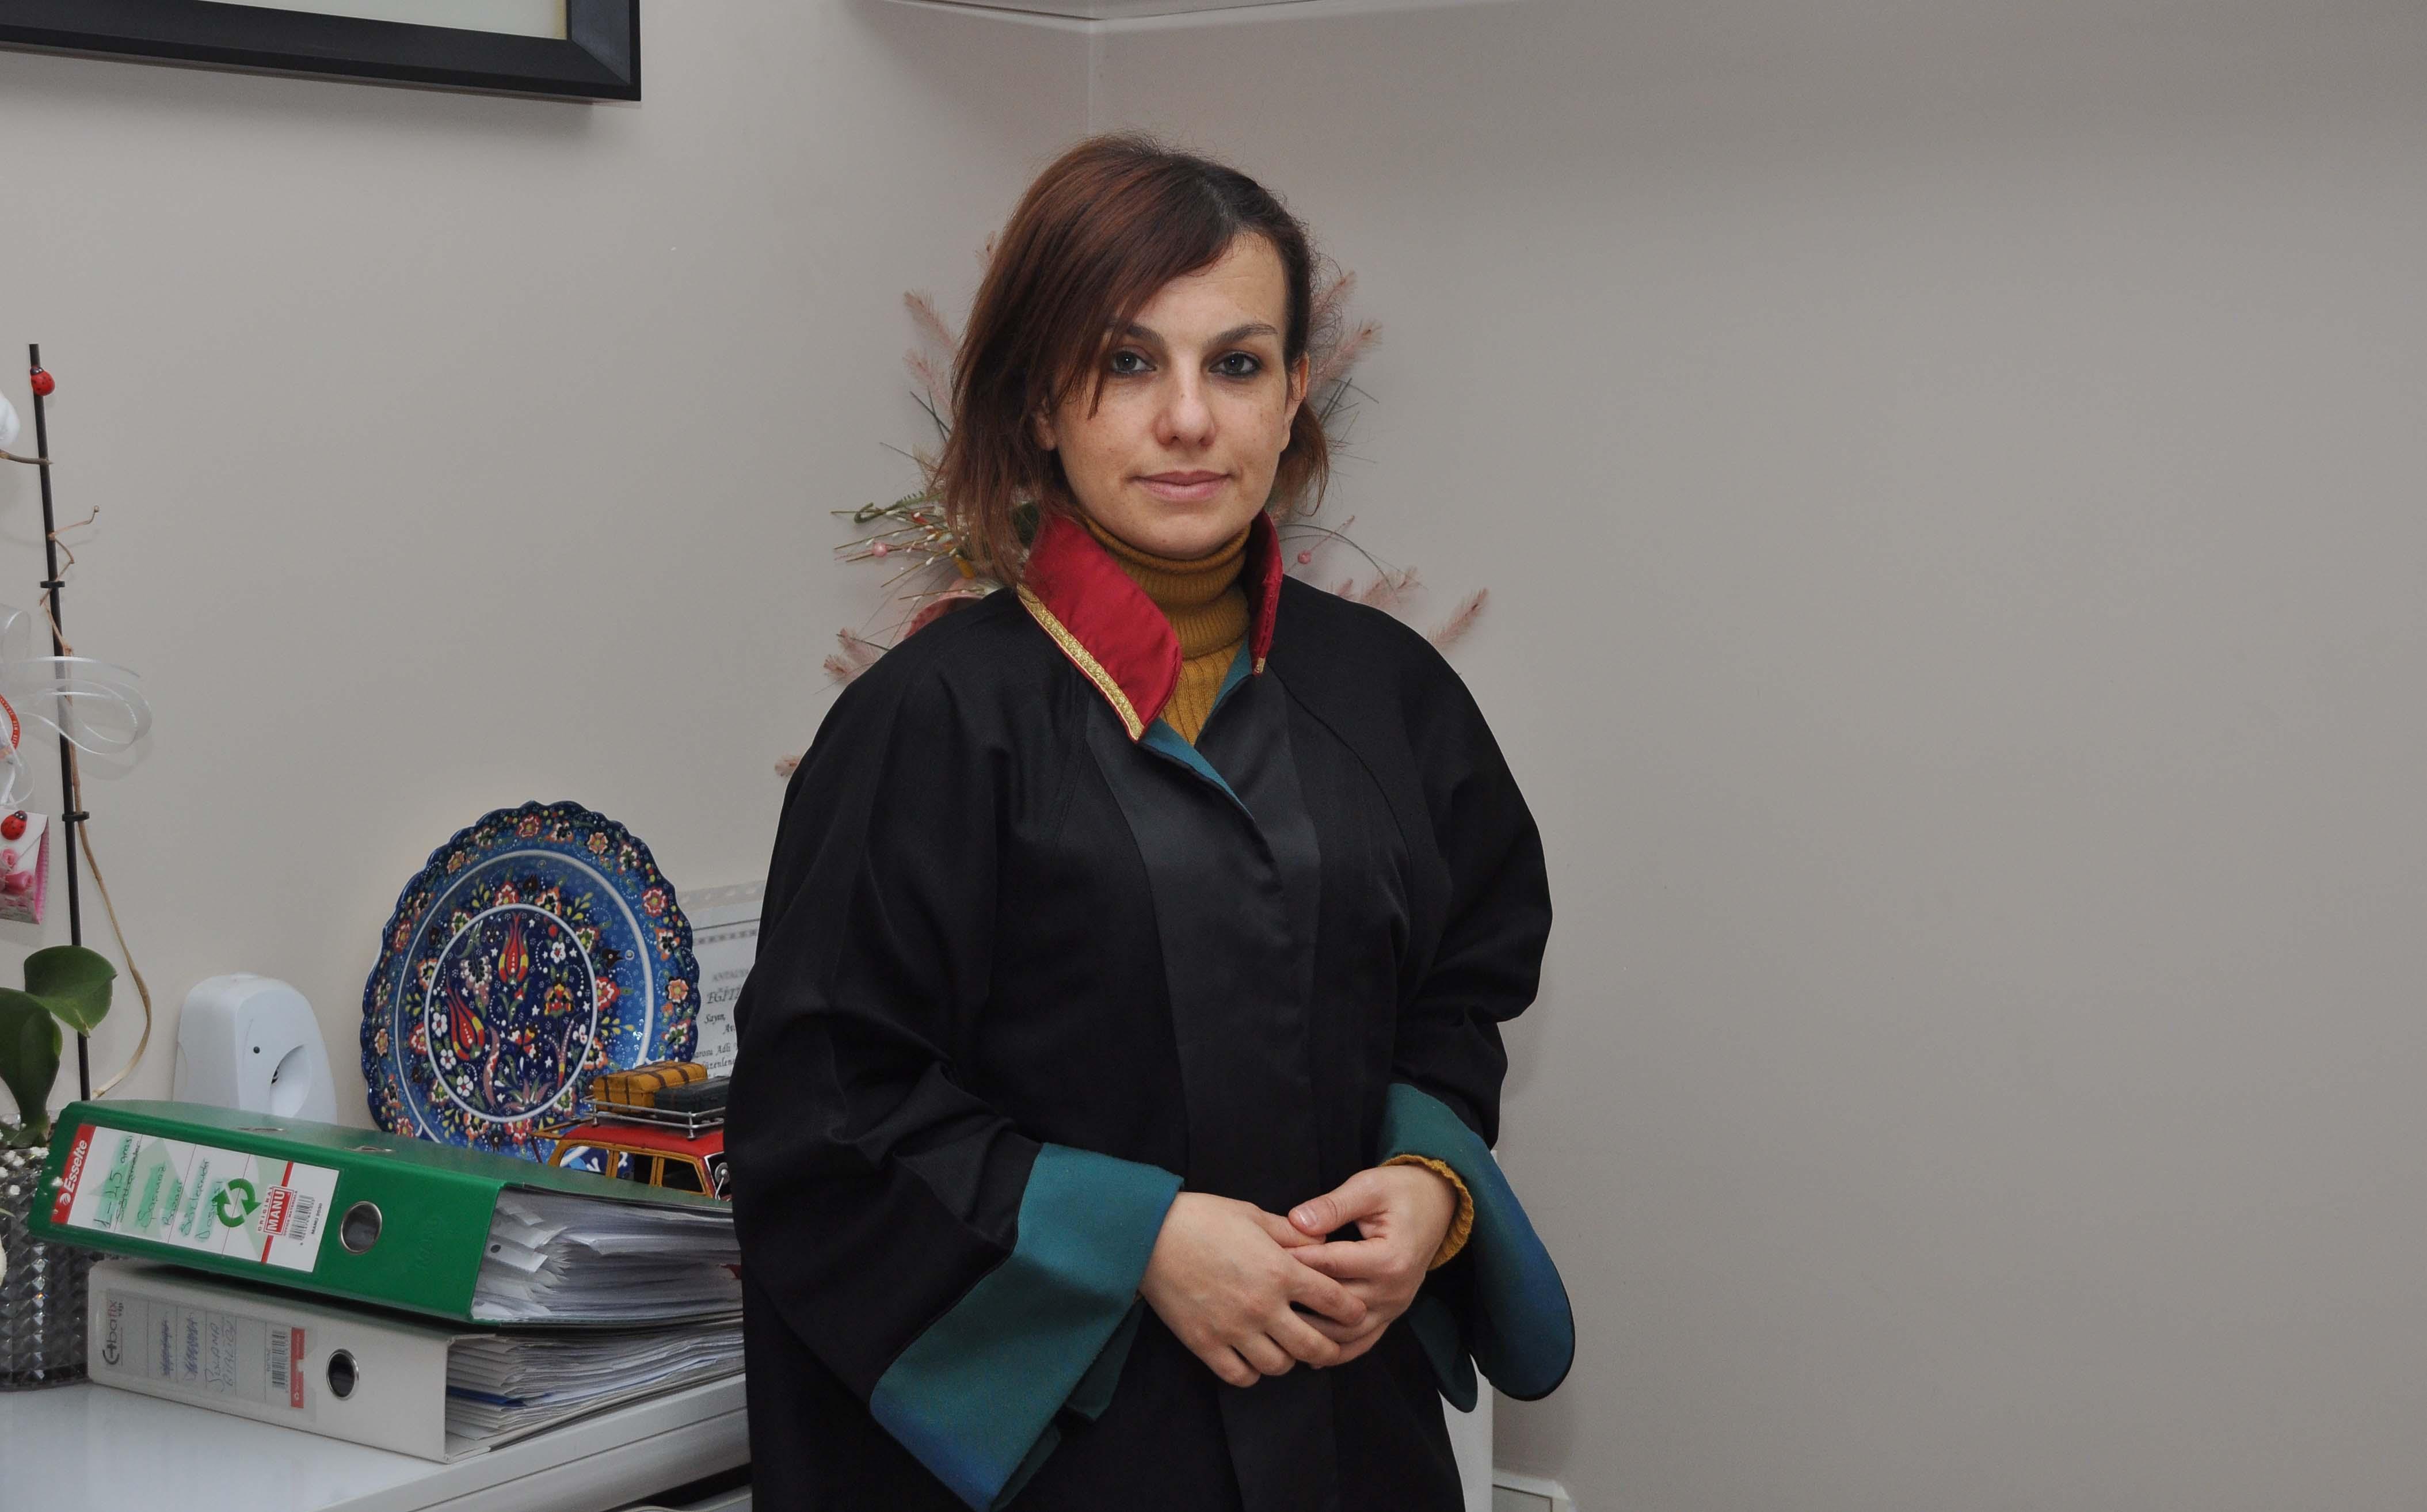 Manavgat Barosu avukatlarından Yasemin Şahin Çifci, Antalya'nın Manavgat ilçesinde çocuk istismarı iddiasıyla tutuklanan CHP üyesi yerel gazete sahibi R.M ile ilgili STK'lardan ve ilgili kurumlardan tepki gelmemesine şaşırdığını söyledi. ( Fatih Hepokur - Anadolu Ajansı )